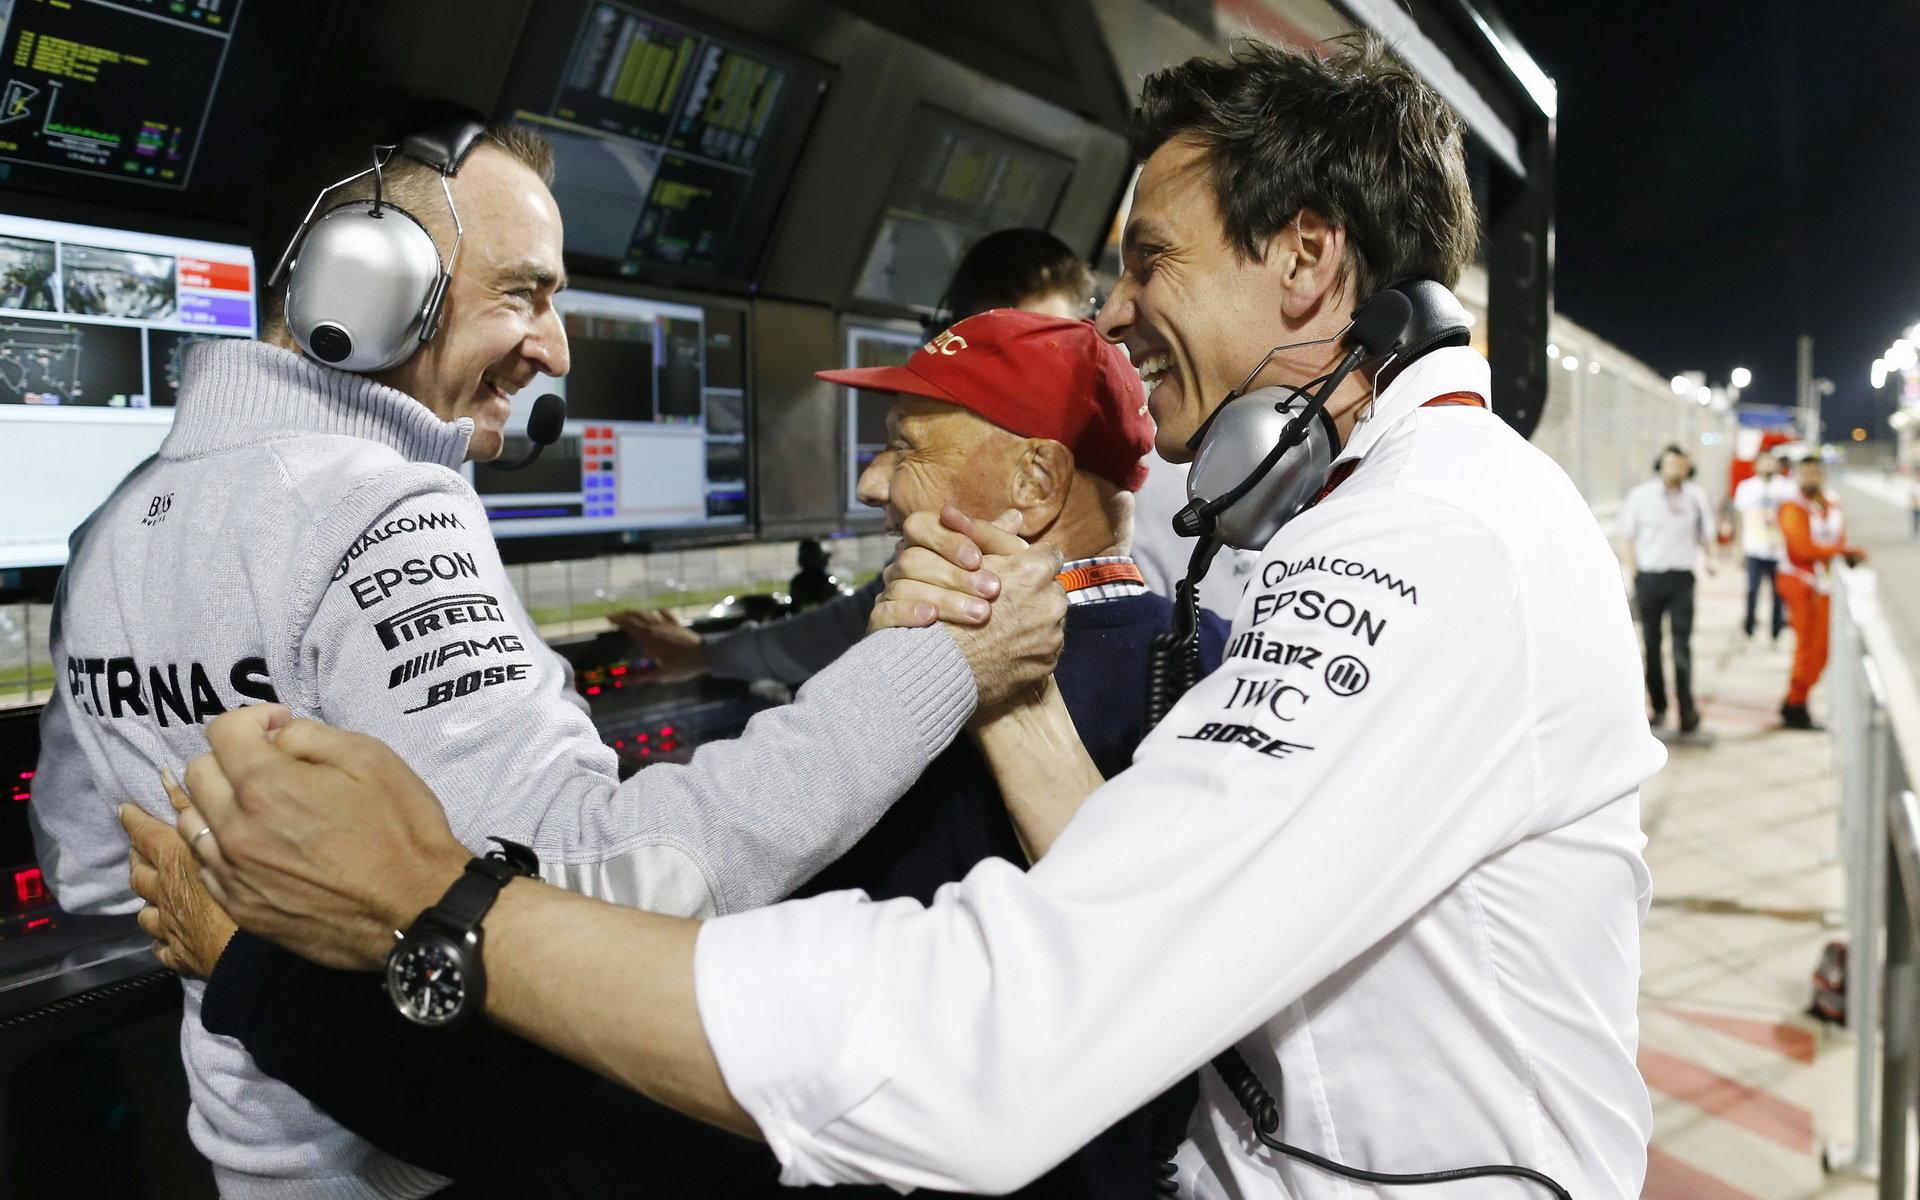 Paddy Lowe dosáhl s Mercedesem velkých úspěchů, bude se takto radovat s Williamsem?